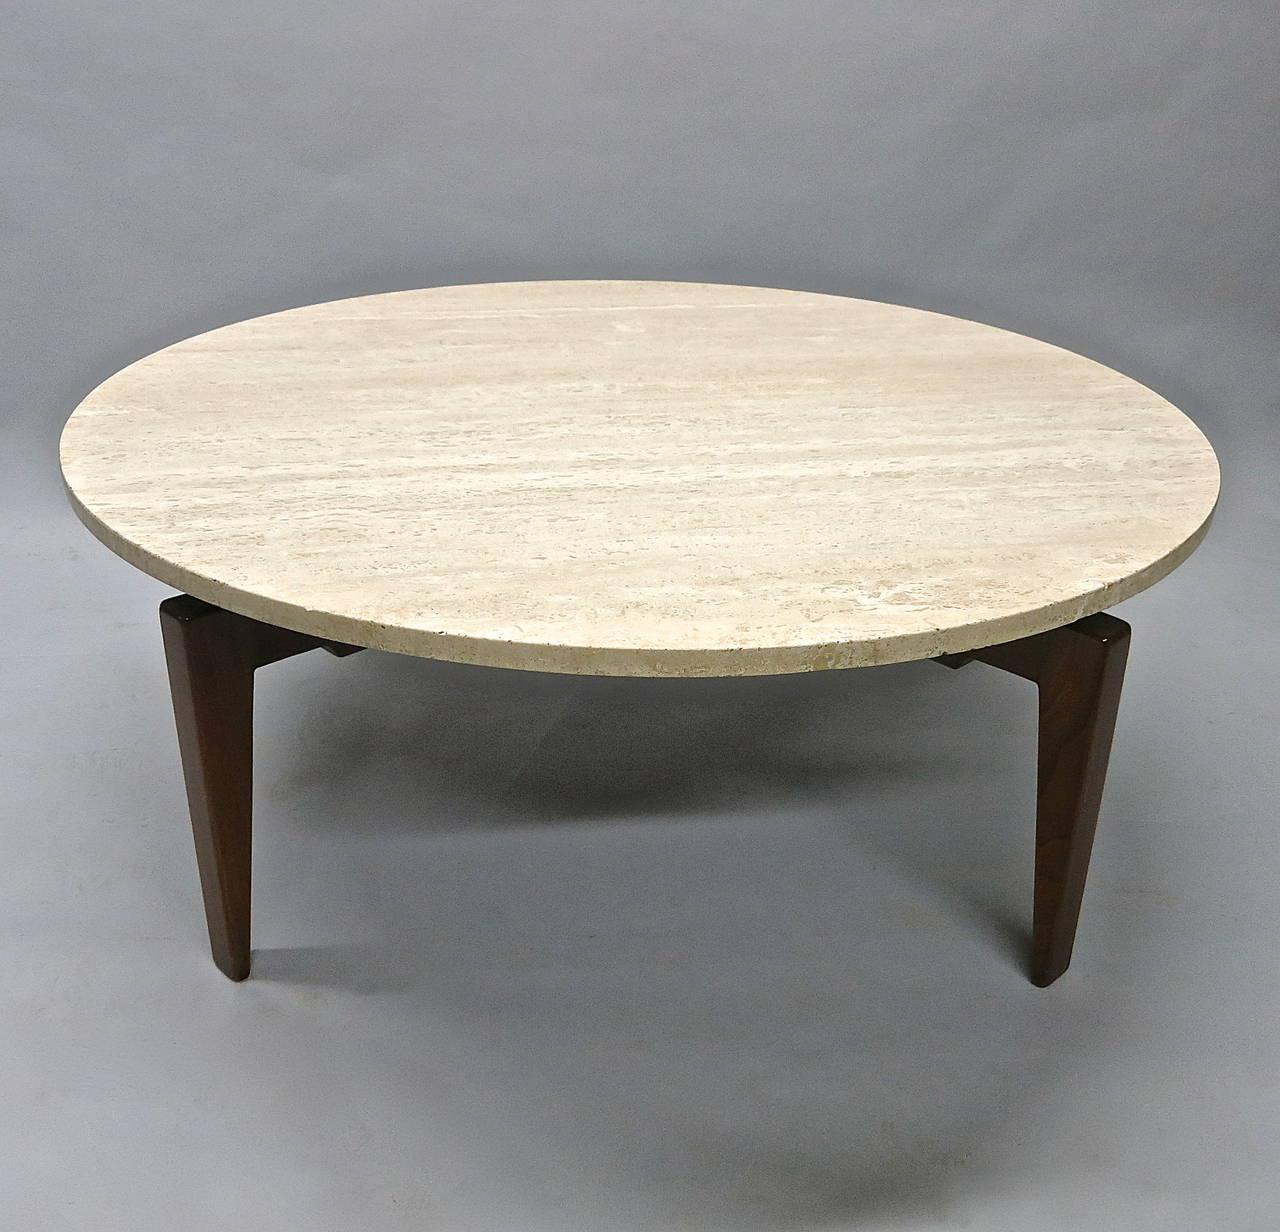 Https Www 1stdibs Com Furniture Tables Coffee Tables Cocktail Tables Rotating Coffee Table Labeled Jens Risom Design Inc Circa 1950 American Id F 1175214